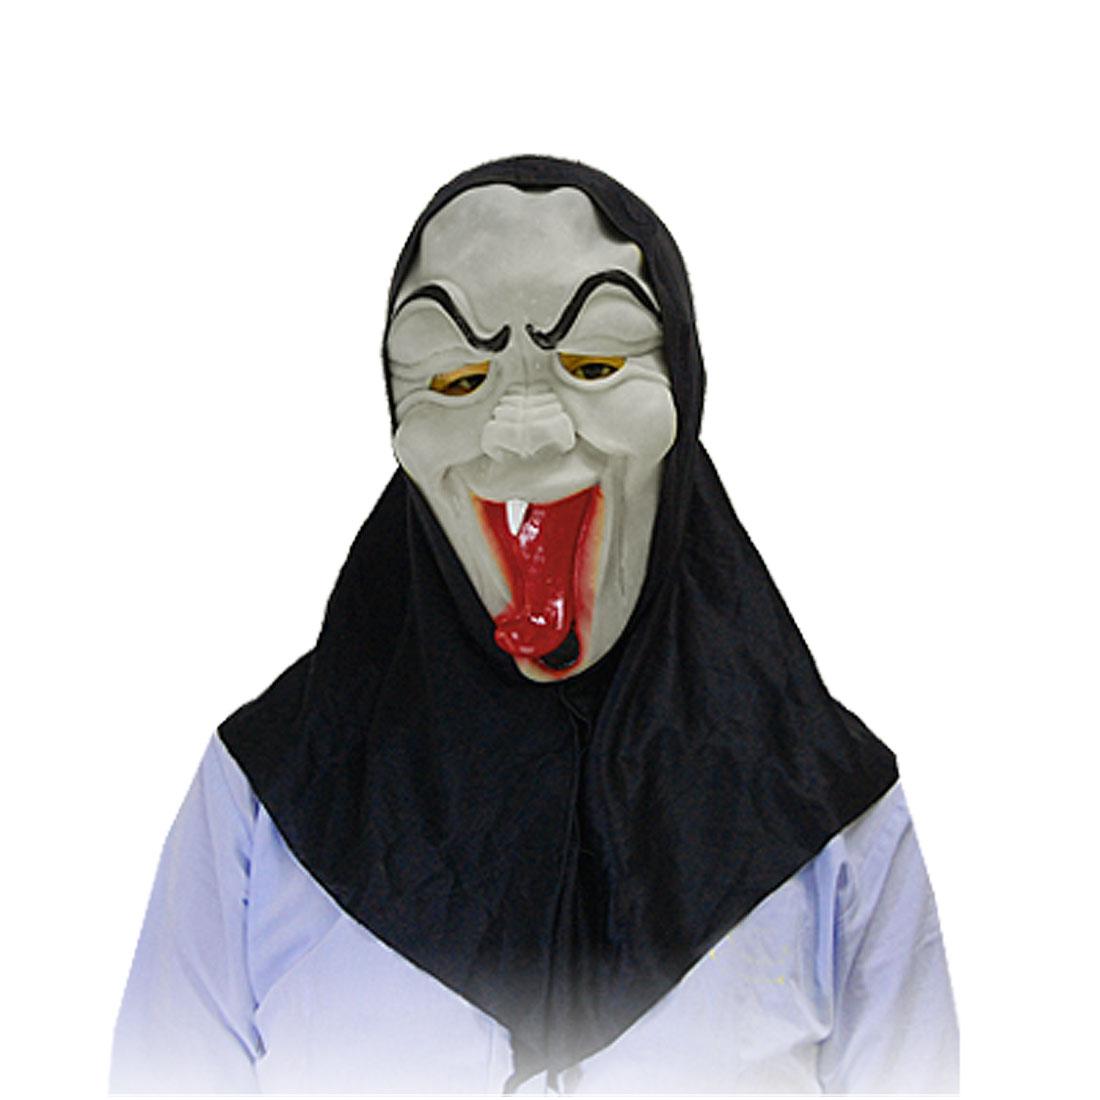 Horrible Vampire Devil Halloween Costume Mask